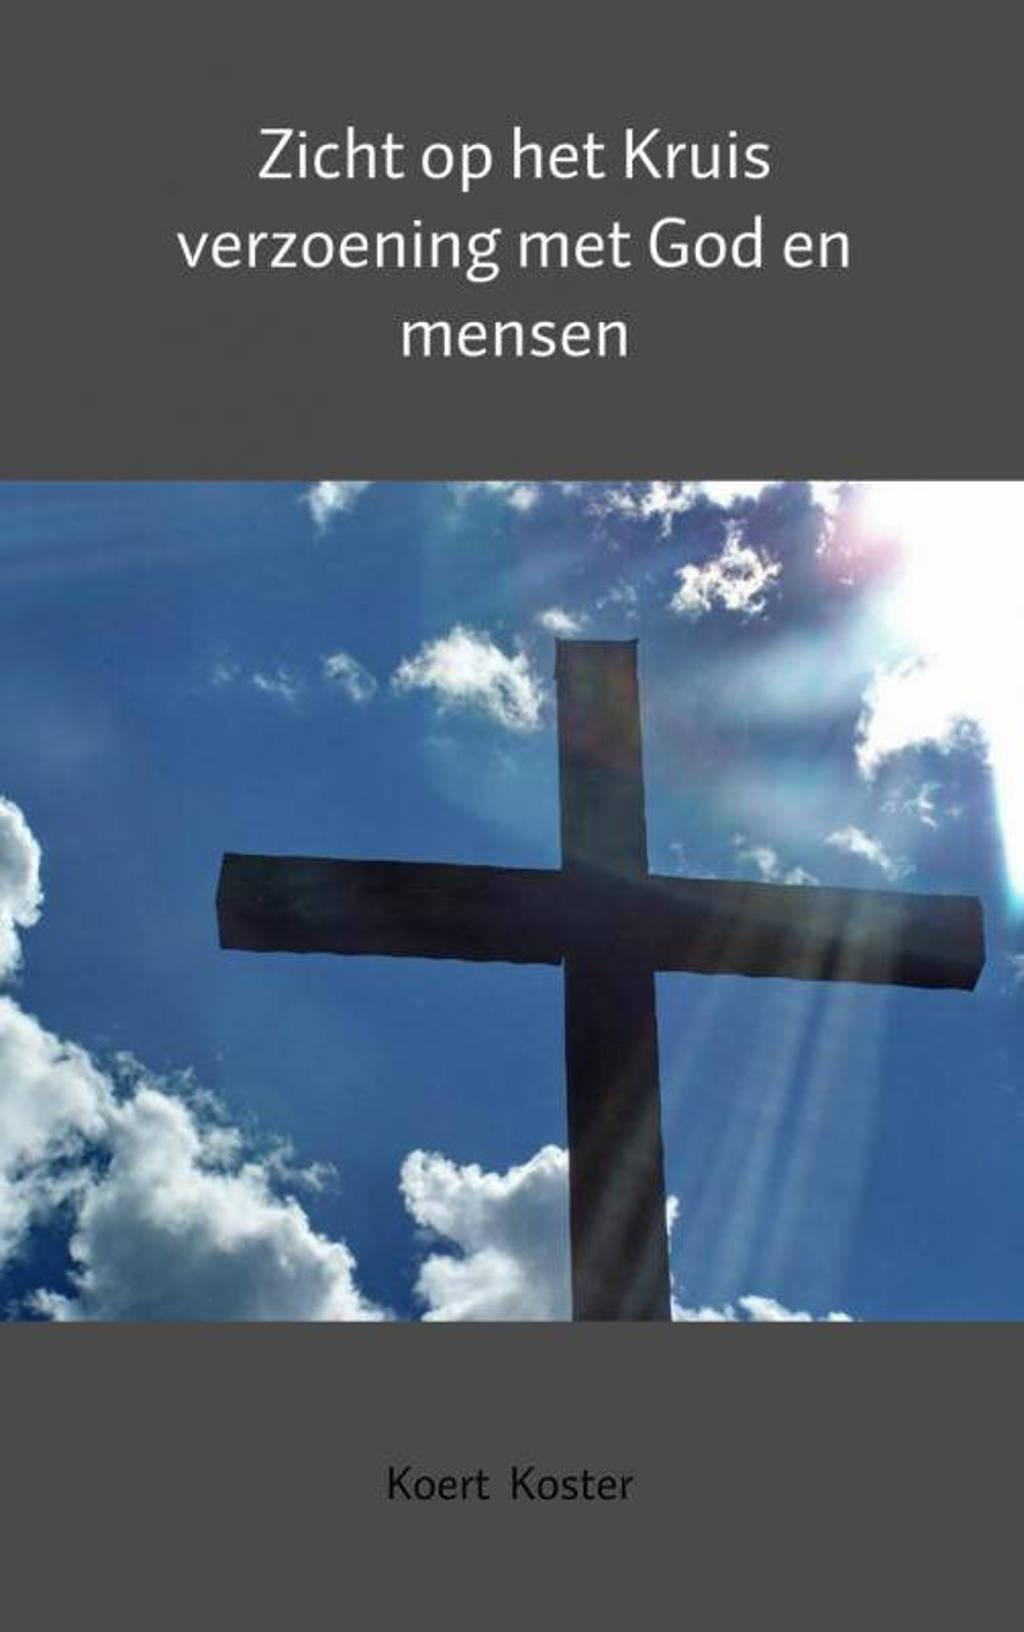 Zicht op het Kruis - Koert en Marleen Koster